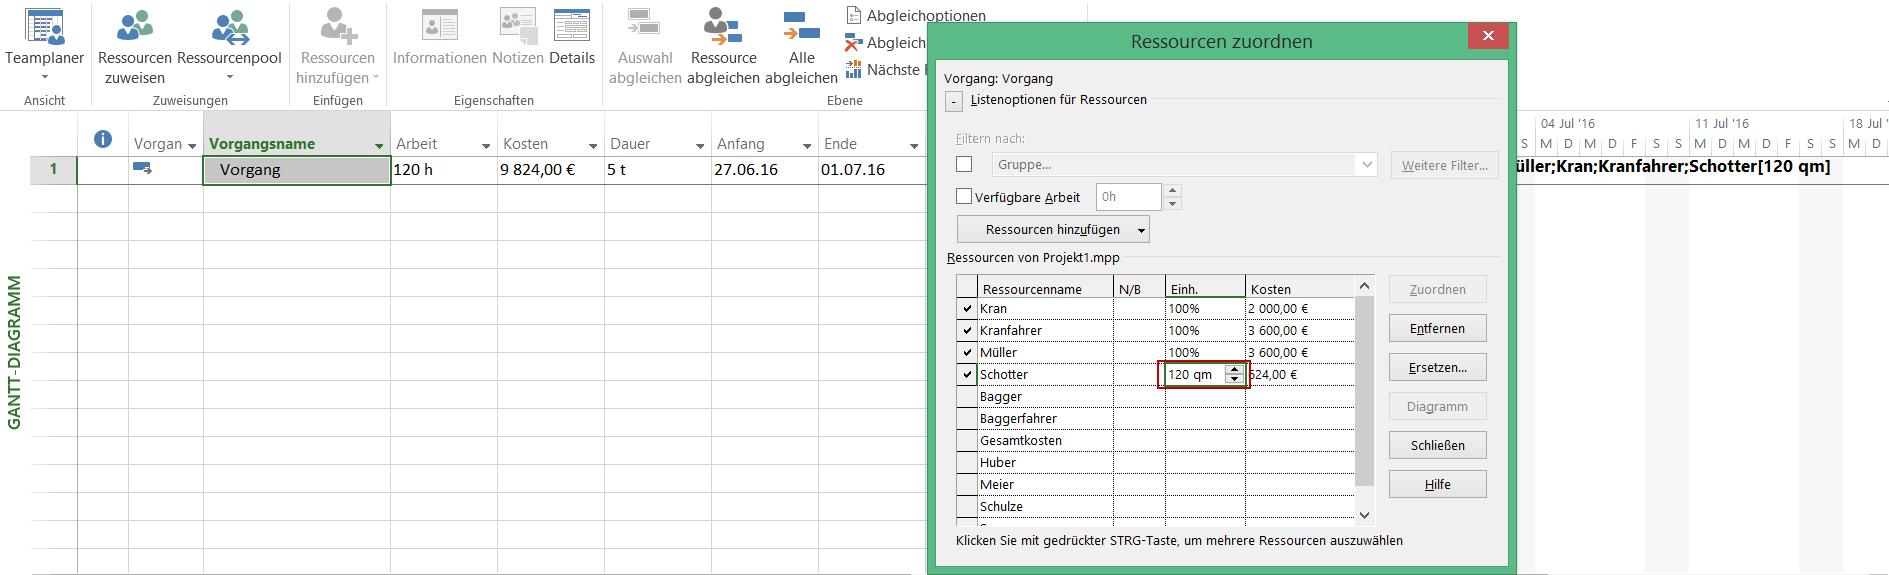 Ressourcenplanung mit Microsoft Project